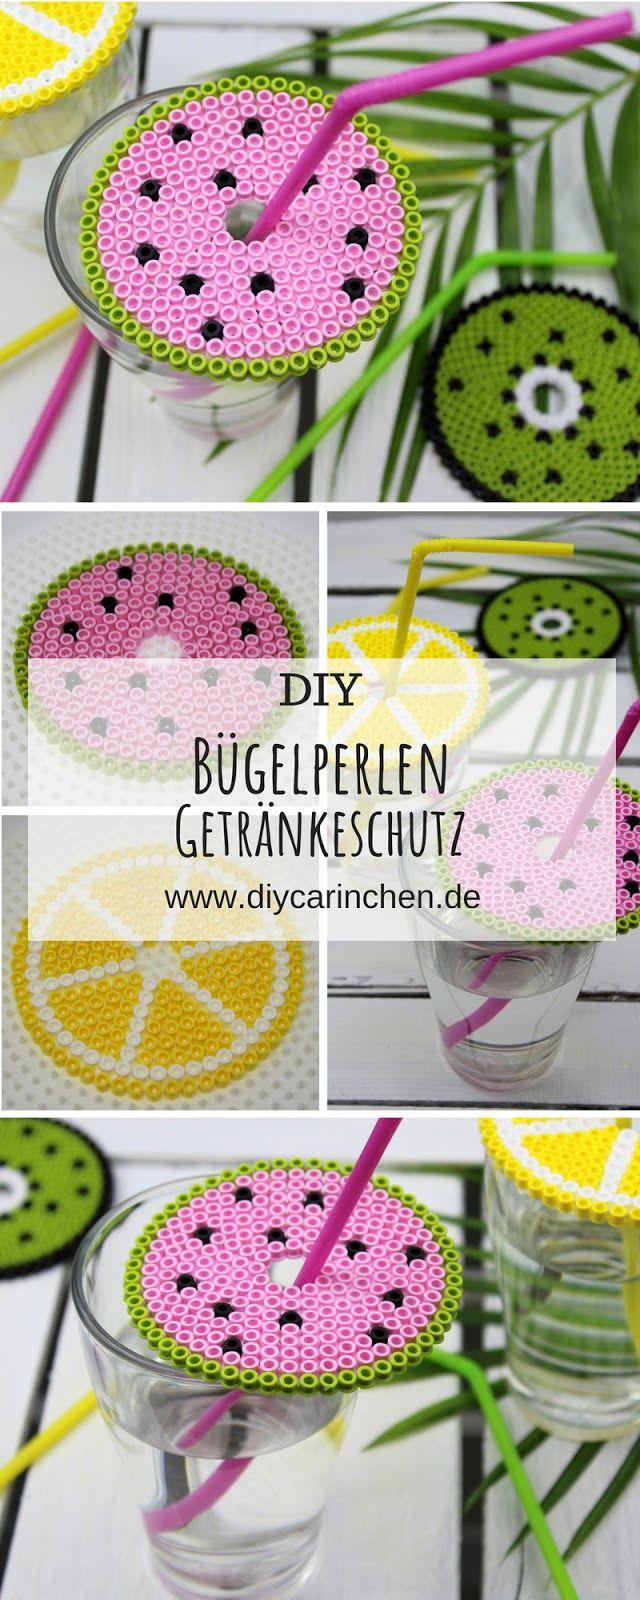 Sommerliches DIY: Getränkeschutzdeckel aus Bügelperlen in 3 sommerlichen Motiven ganz einfach selber machen – super Wespenschutz – DIY